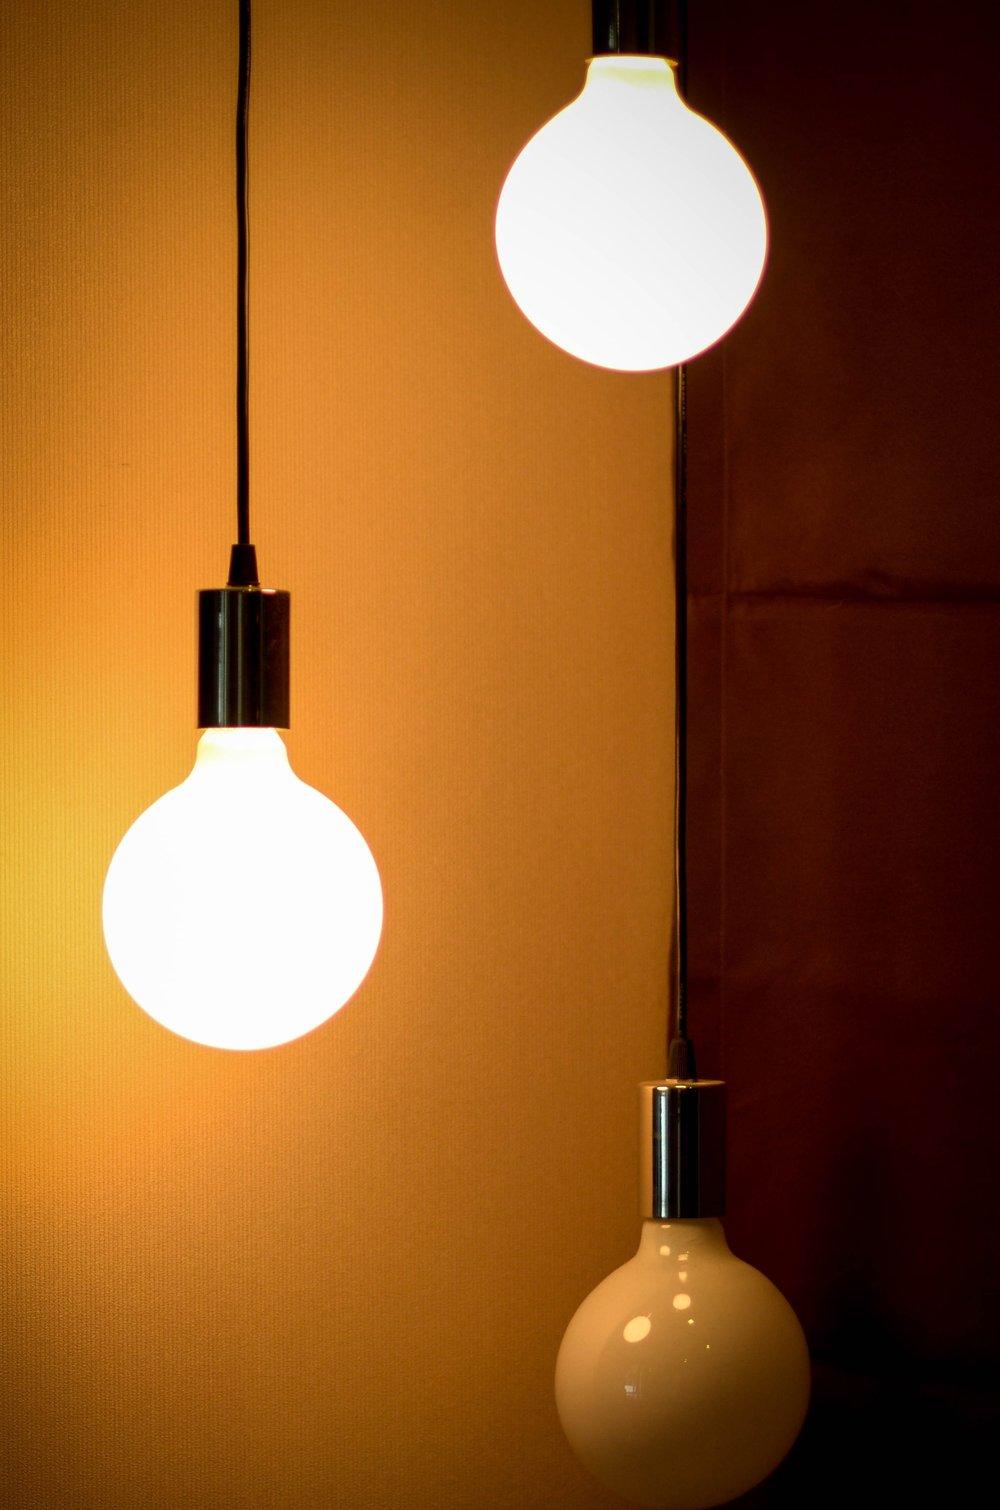 12 Nov - Warm Light.jpg